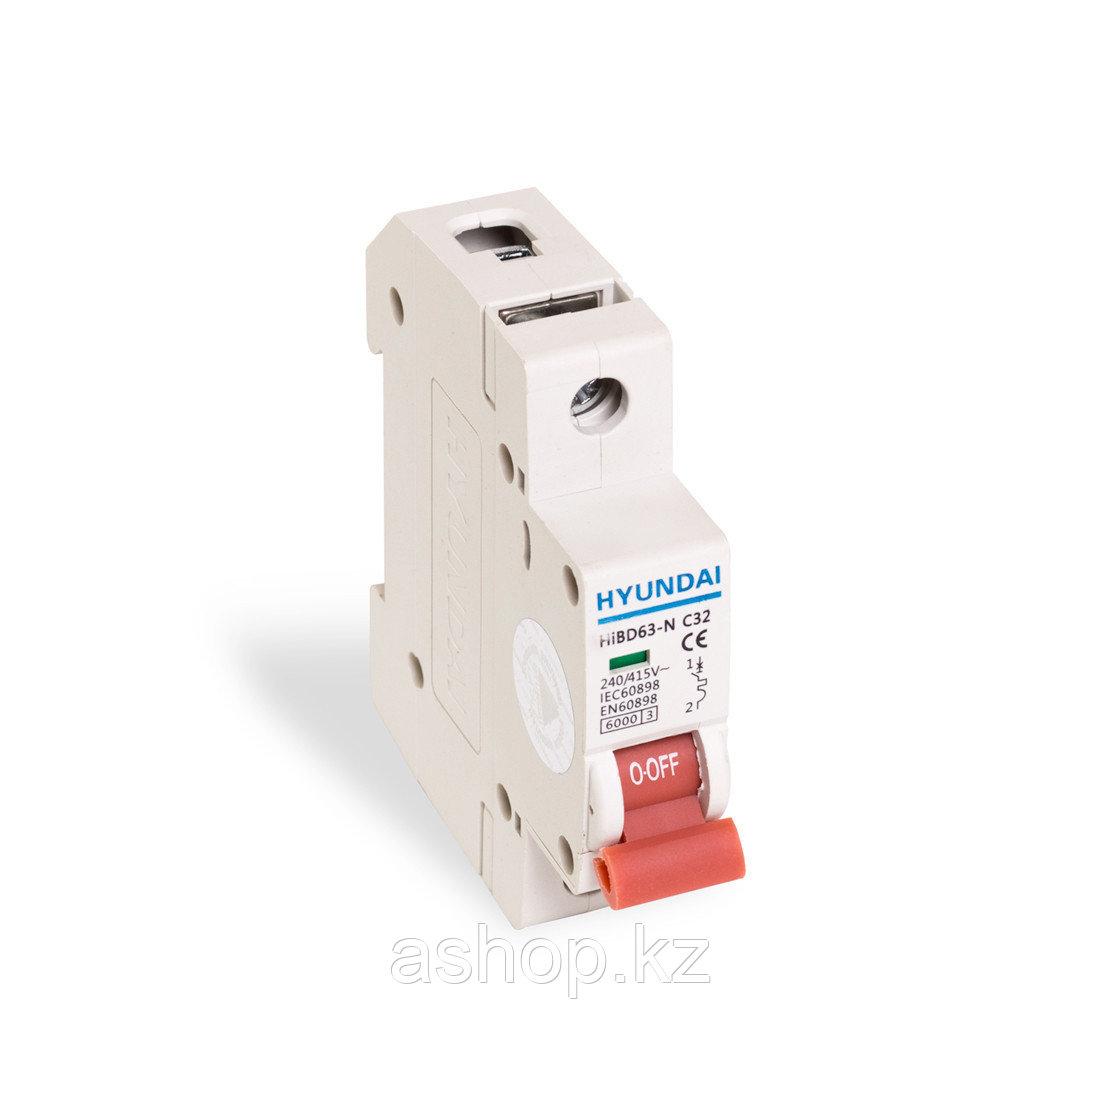 Автоматический выключатель реечный Hyundai HiBD63-N 1P 6А, 230/400 В, Кол-во полюсов: 1, Предел отключения: 6